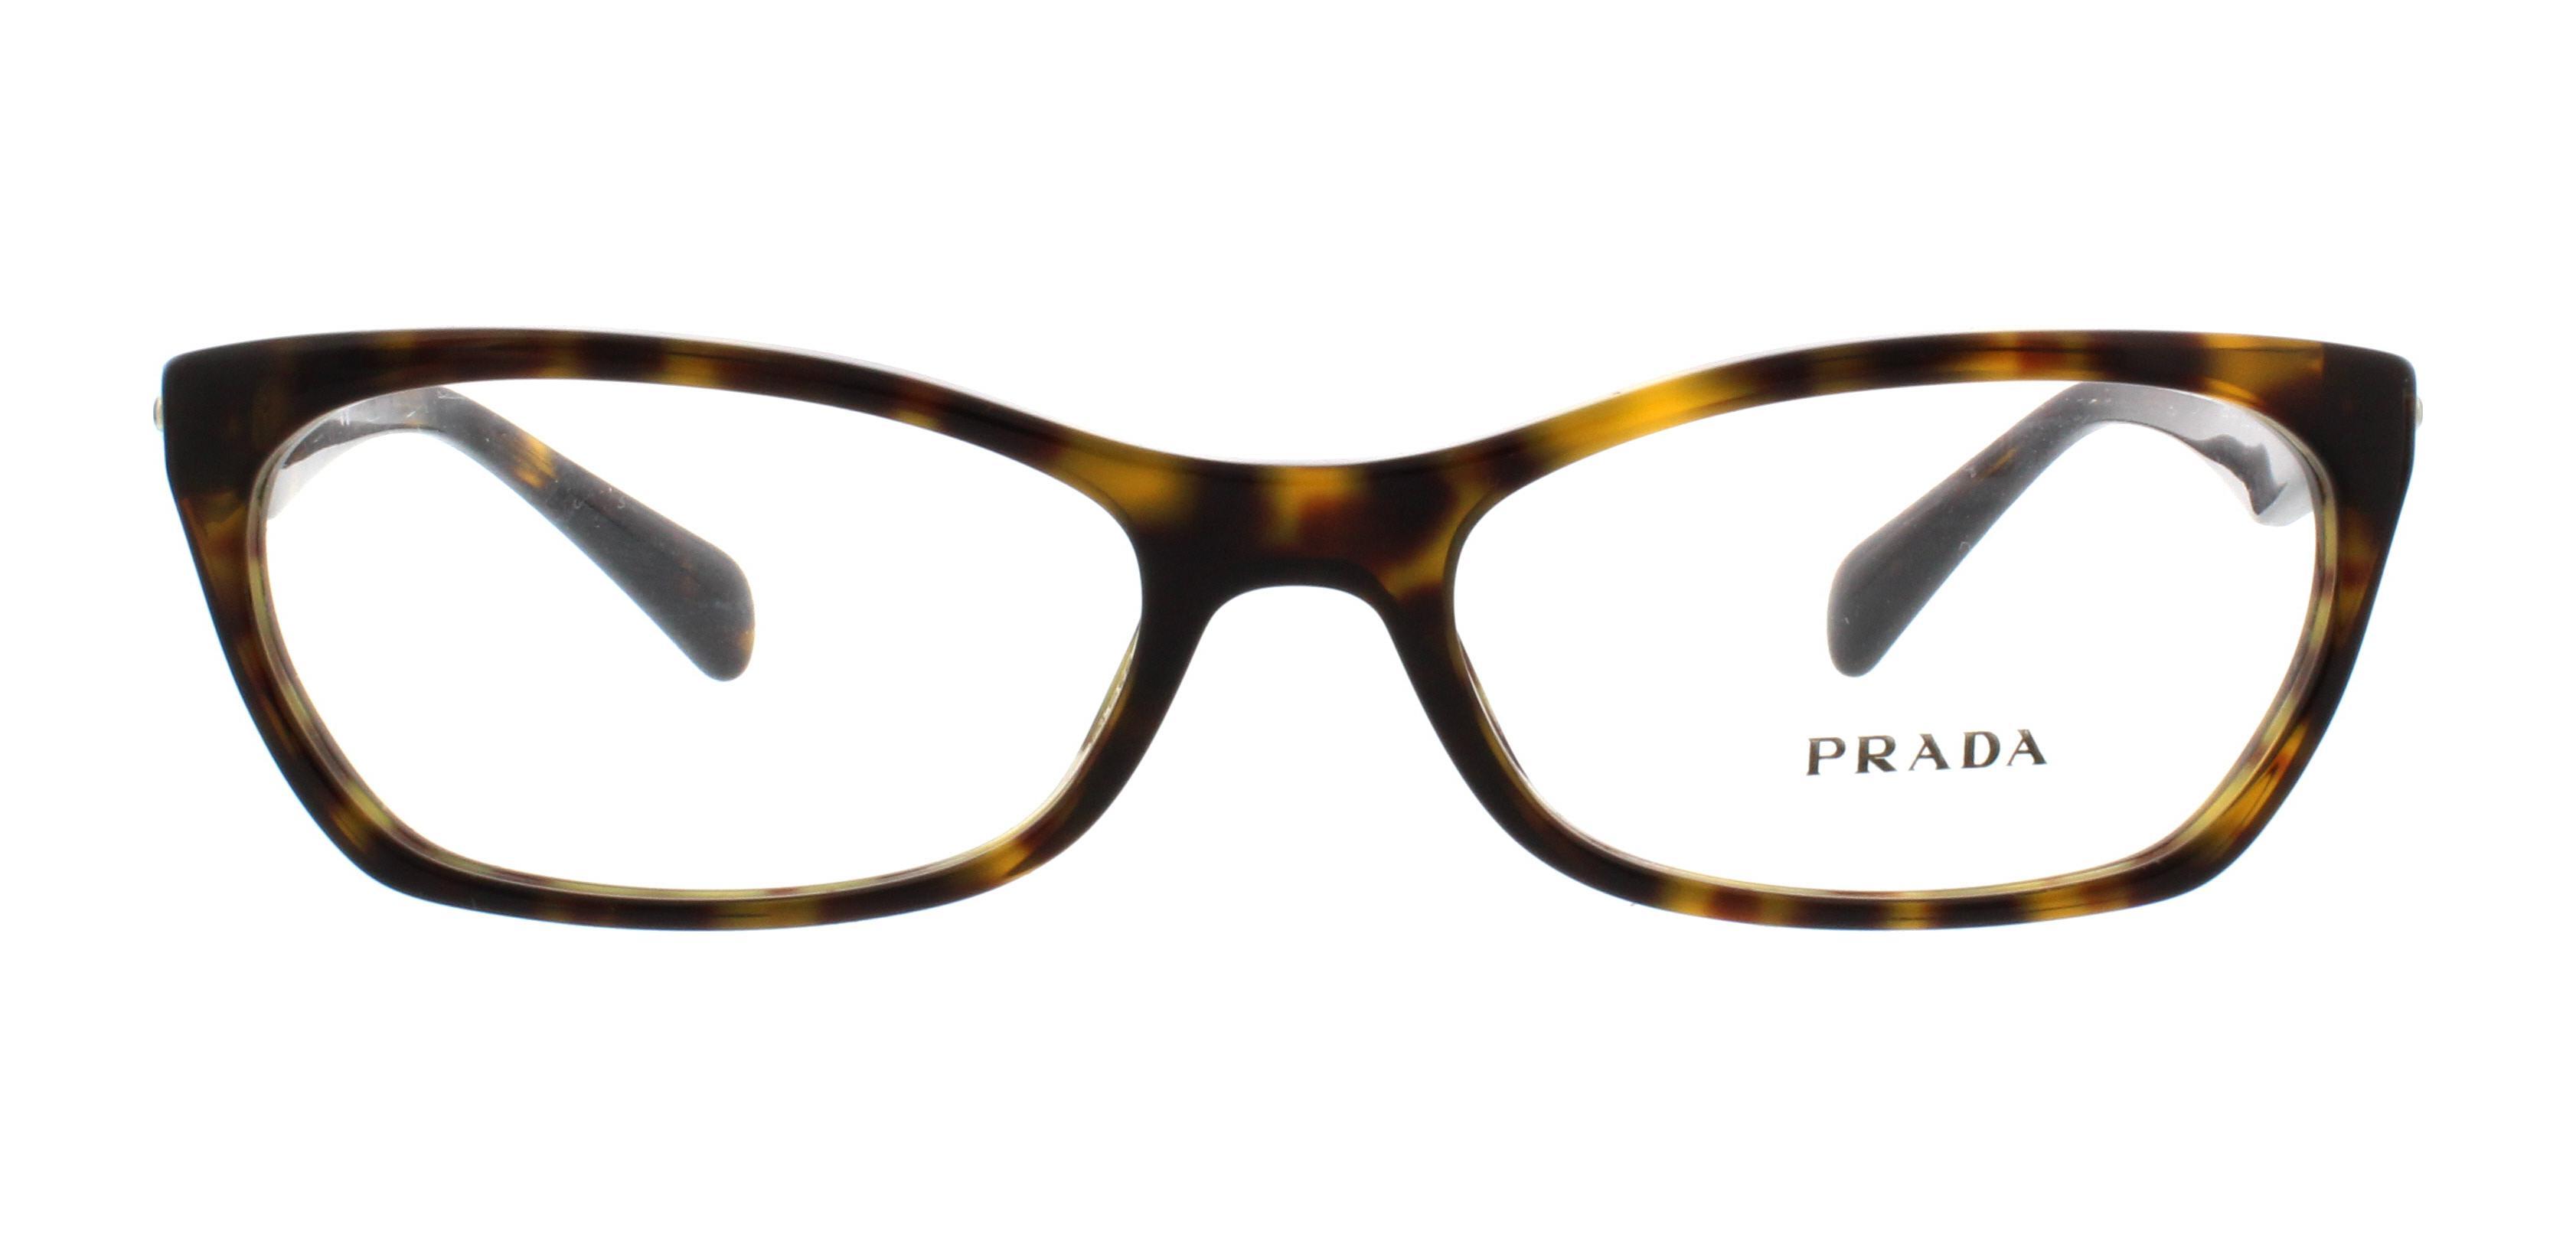 4f782383d1 Designer Frames Outlet. Prada PR15PV Swing